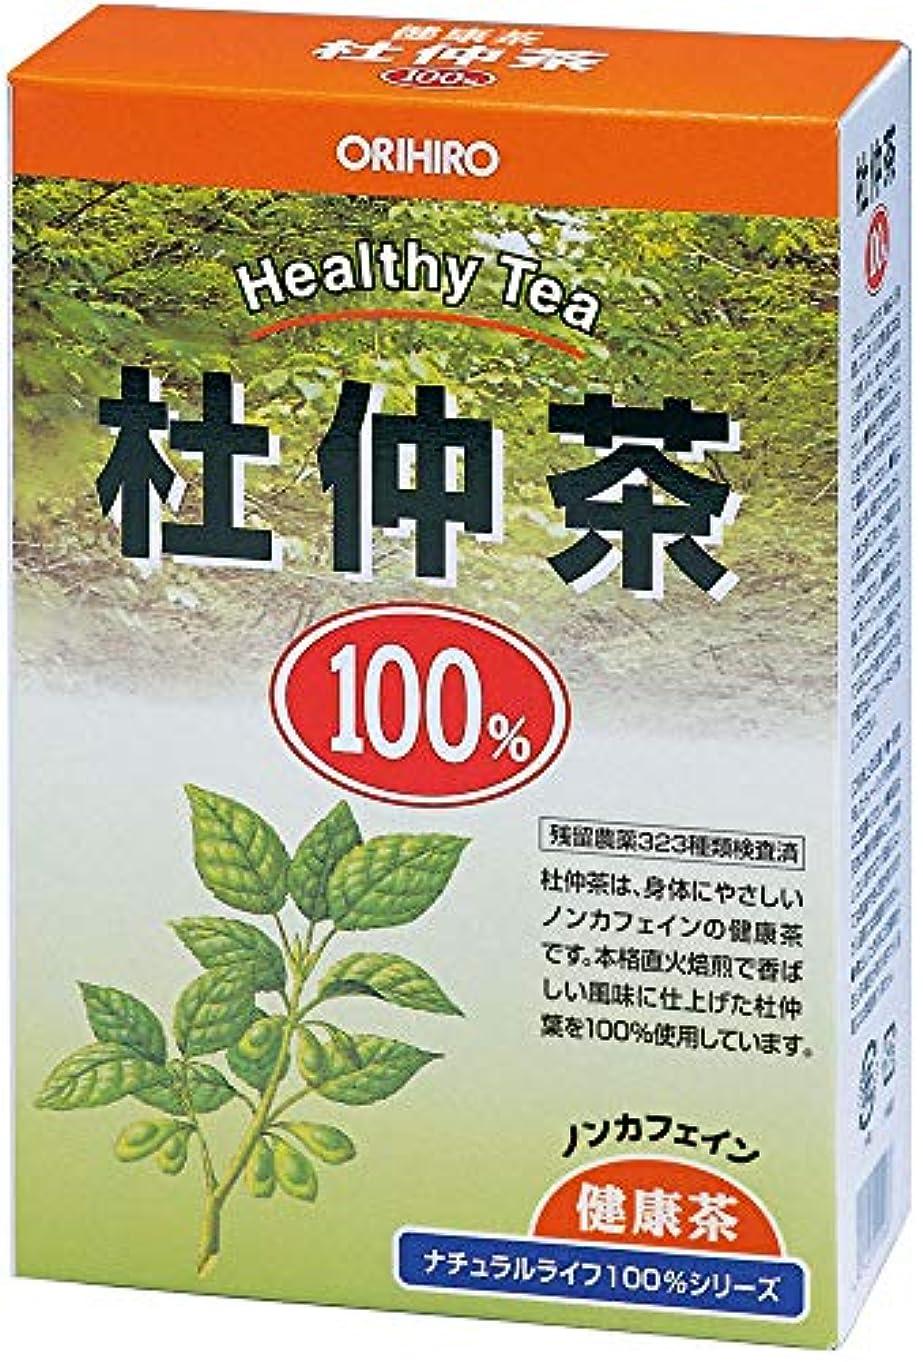 オリヒロ NLティー100% 杜仲茶